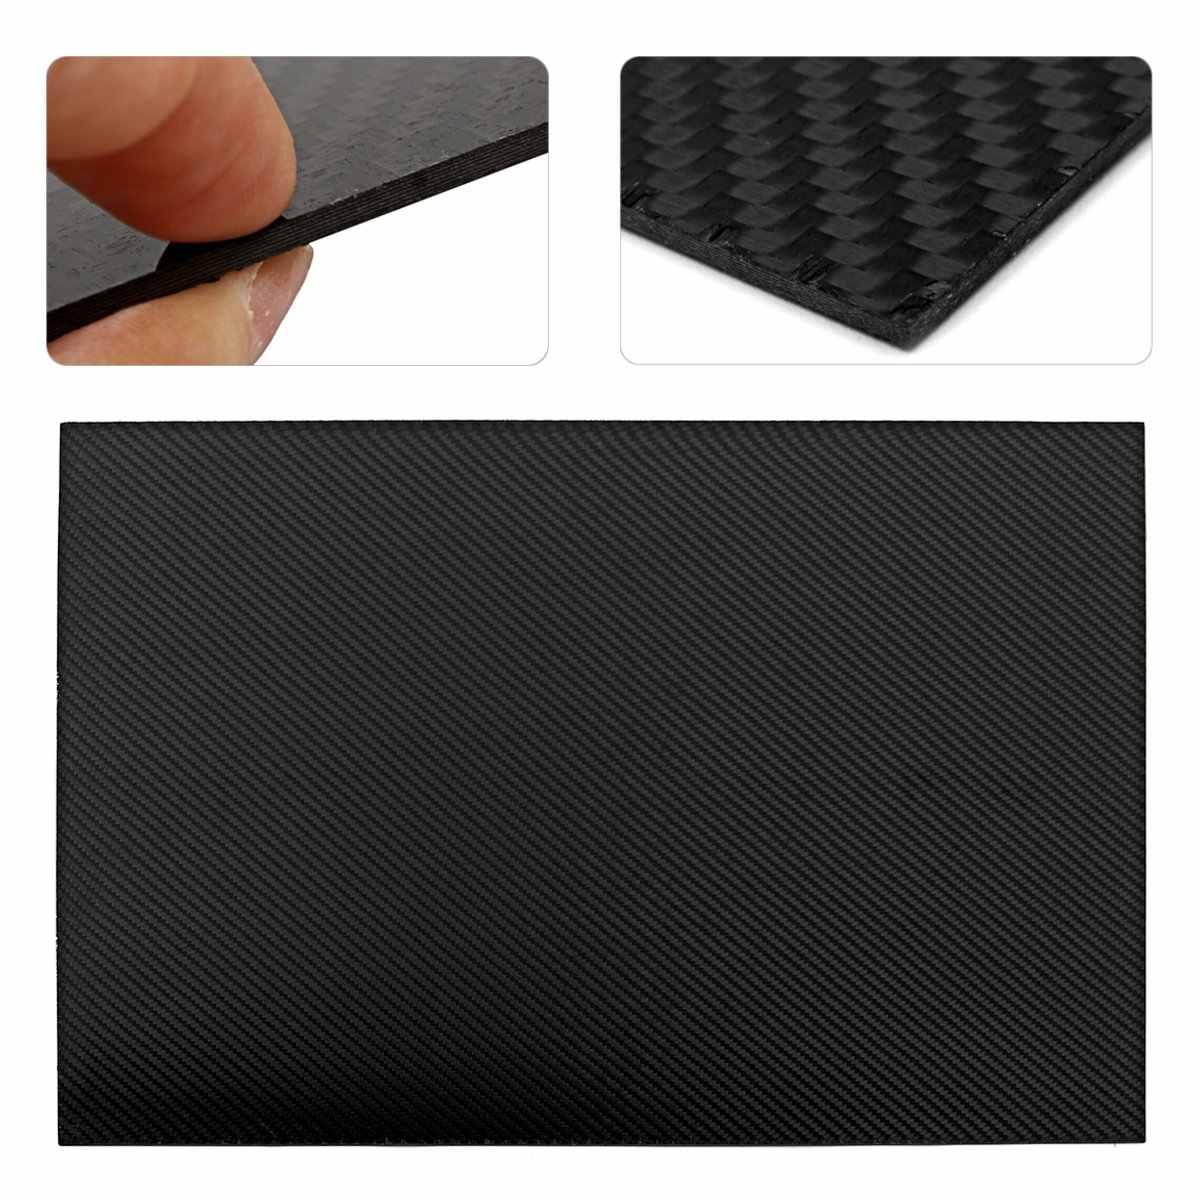 0.5mm 1mm 2mm 3mm 4mm 5mm grubość rzeczywistym płyta z włókna węglowego Panel arkuszy o wysokiej twardości kompozytowej materiał dla RC 400x500mm